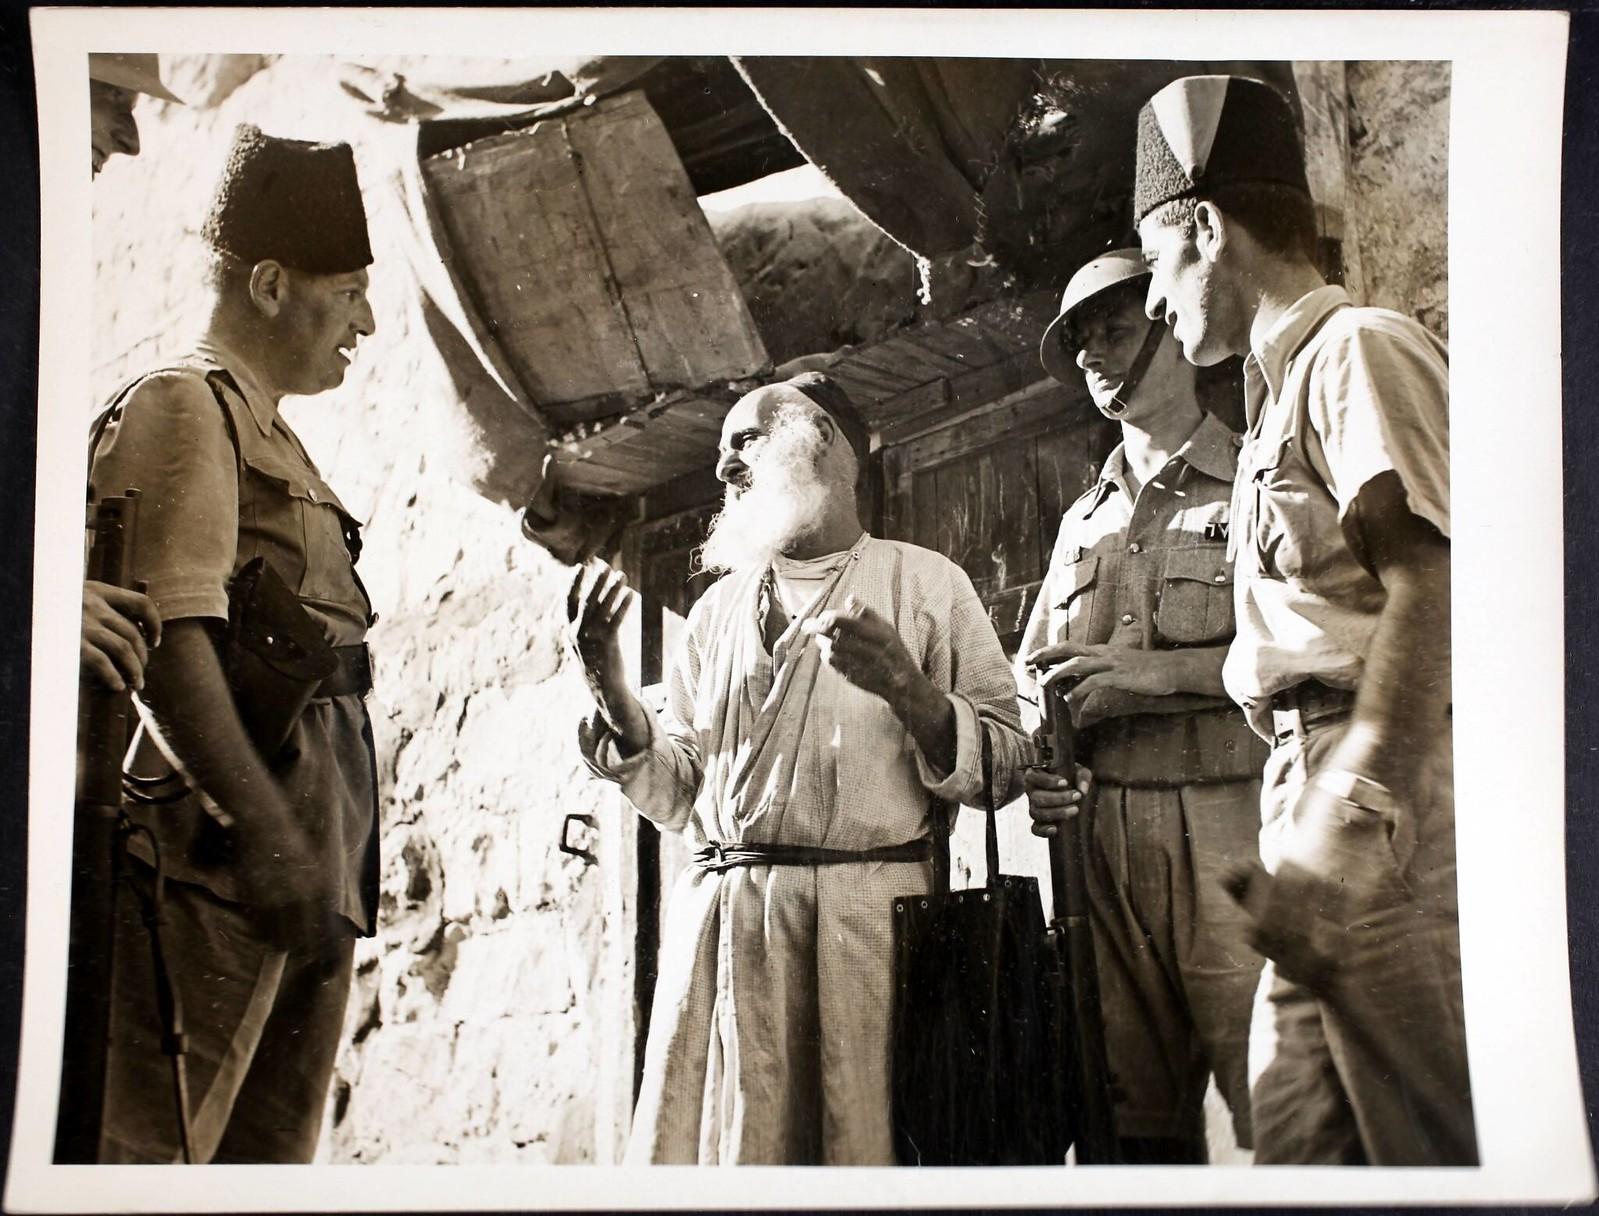 08. 1938. Суперинтендант полиции Британской Палестины А. Х. Сильвер разговаривает с 91-летним евреем, который просит хлеба в Старом городе Иерусалима, 27 октября.